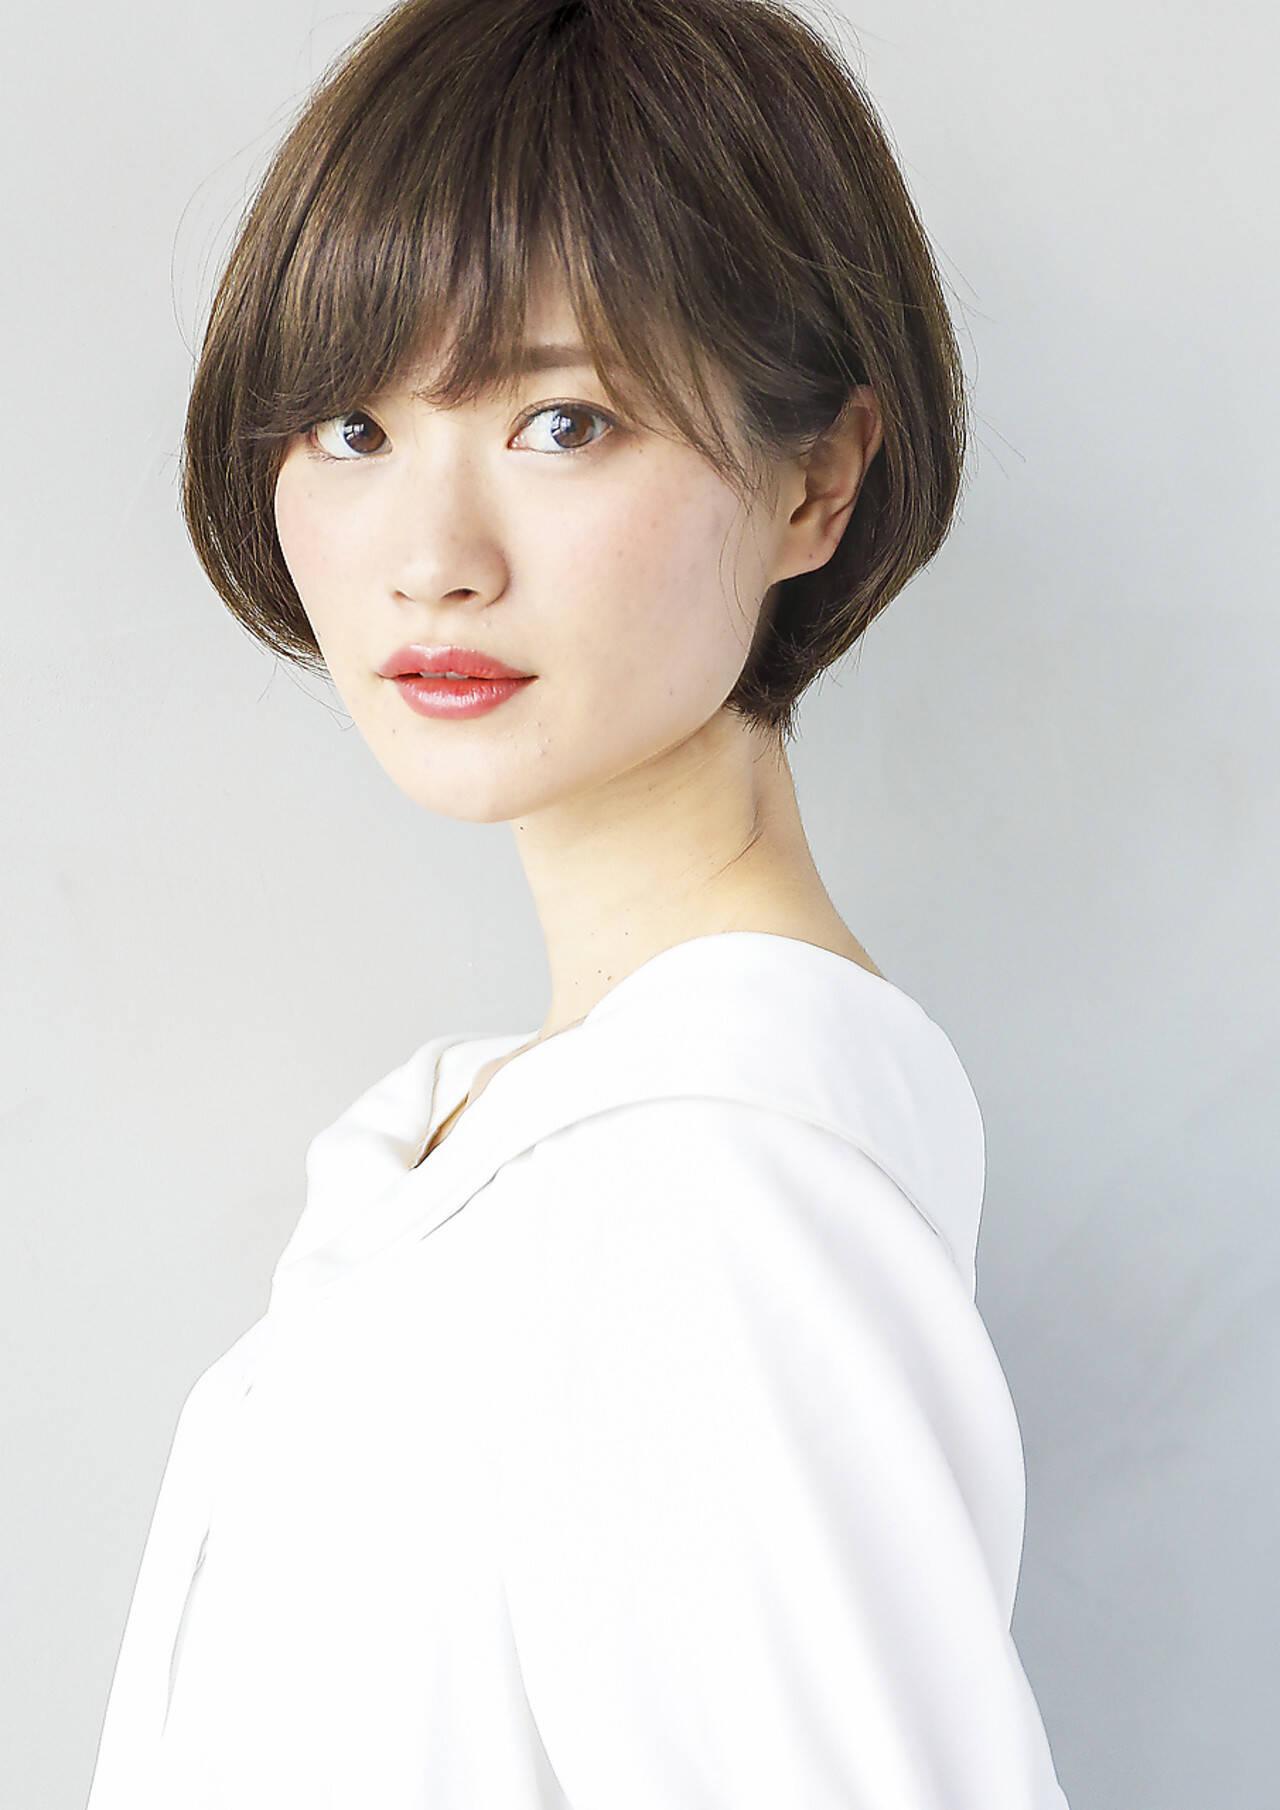 ショート ナチュラル ショートボブ 前髪ありヘアスタイルや髪型の写真・画像